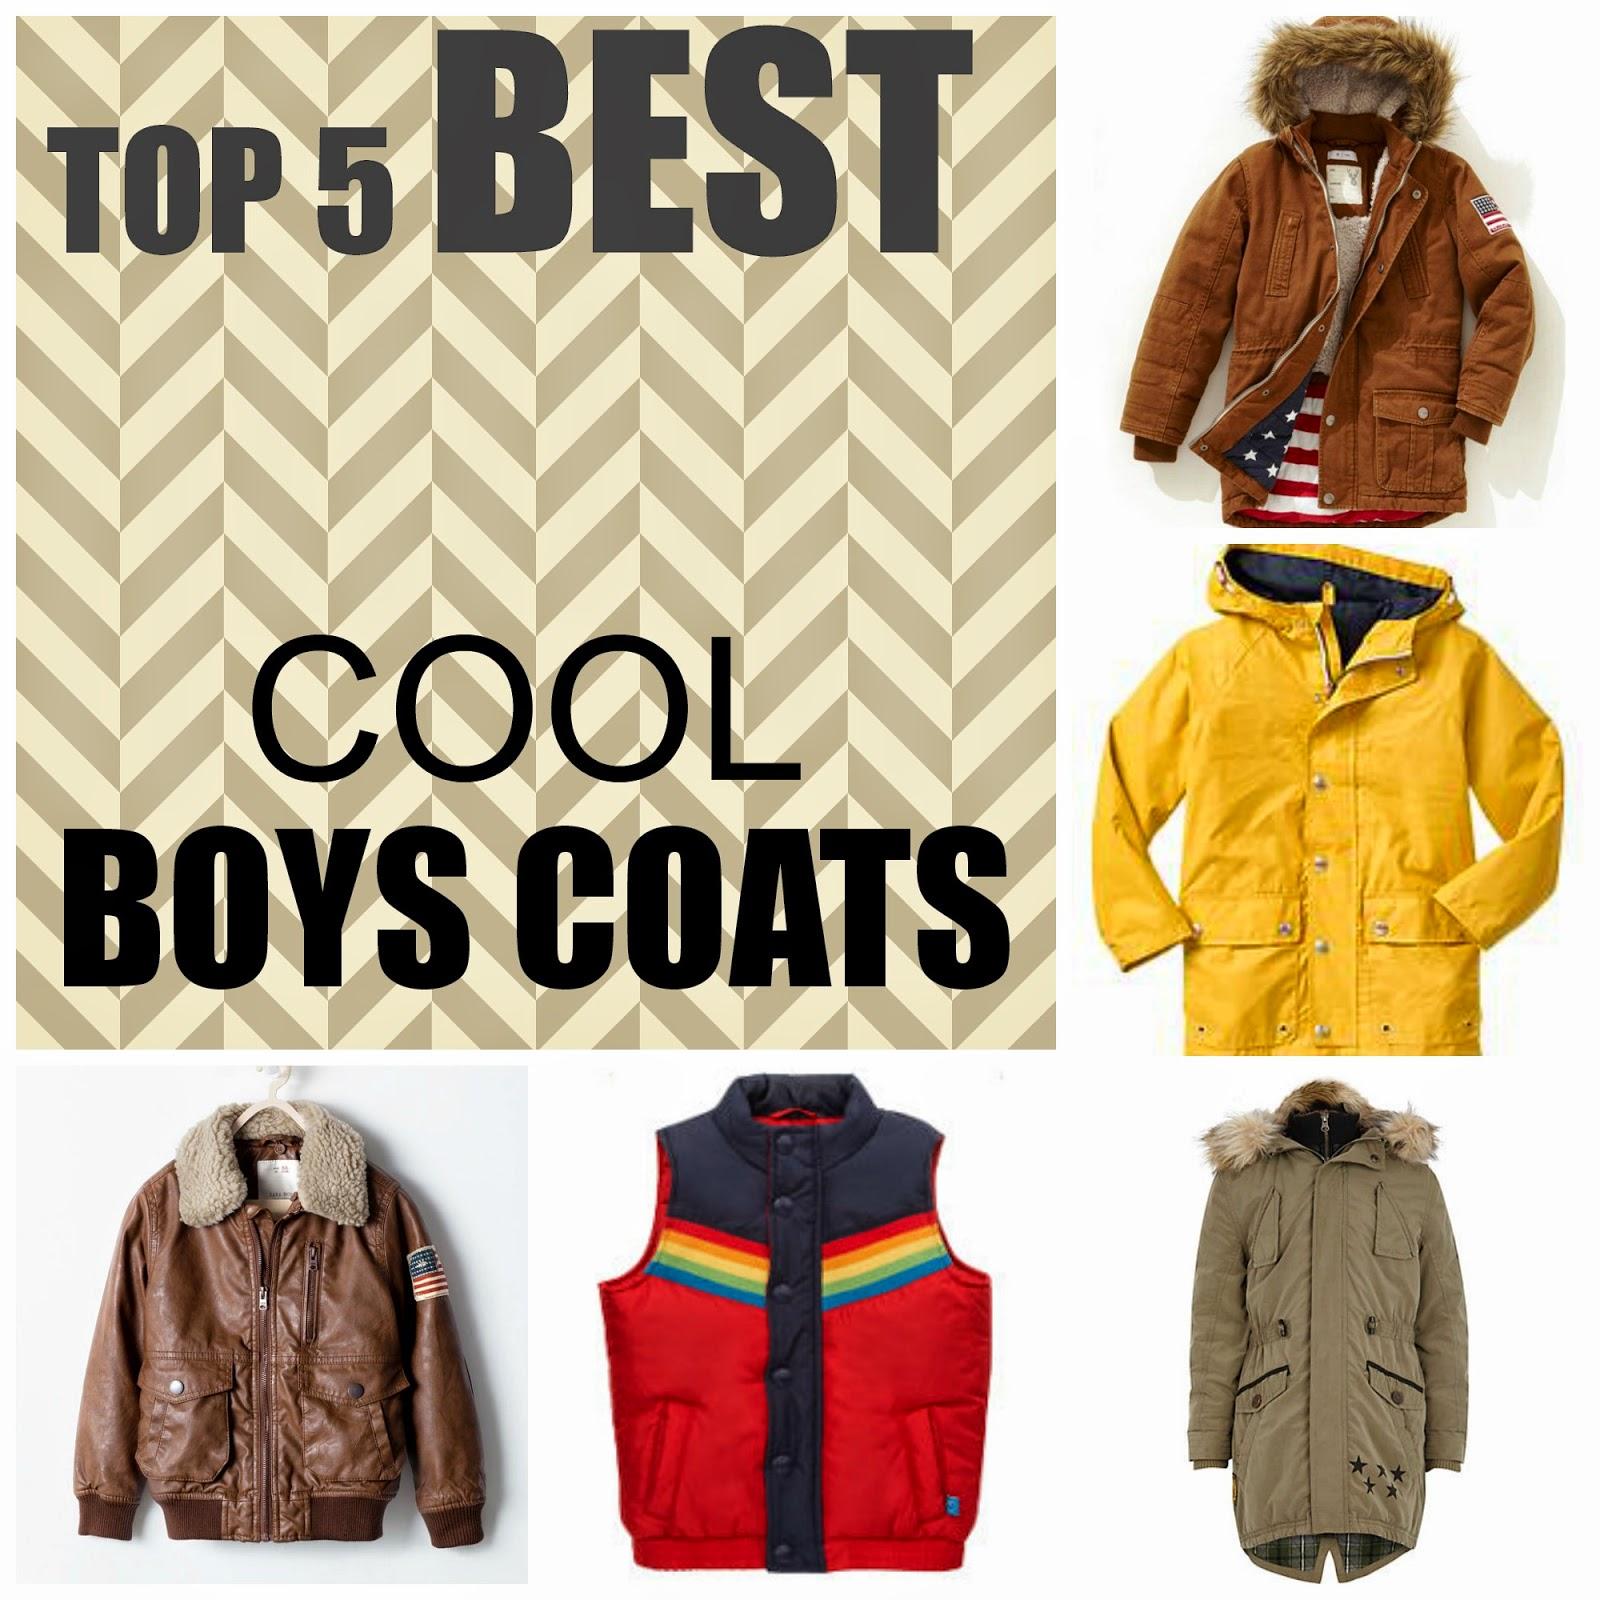 Best boys coats